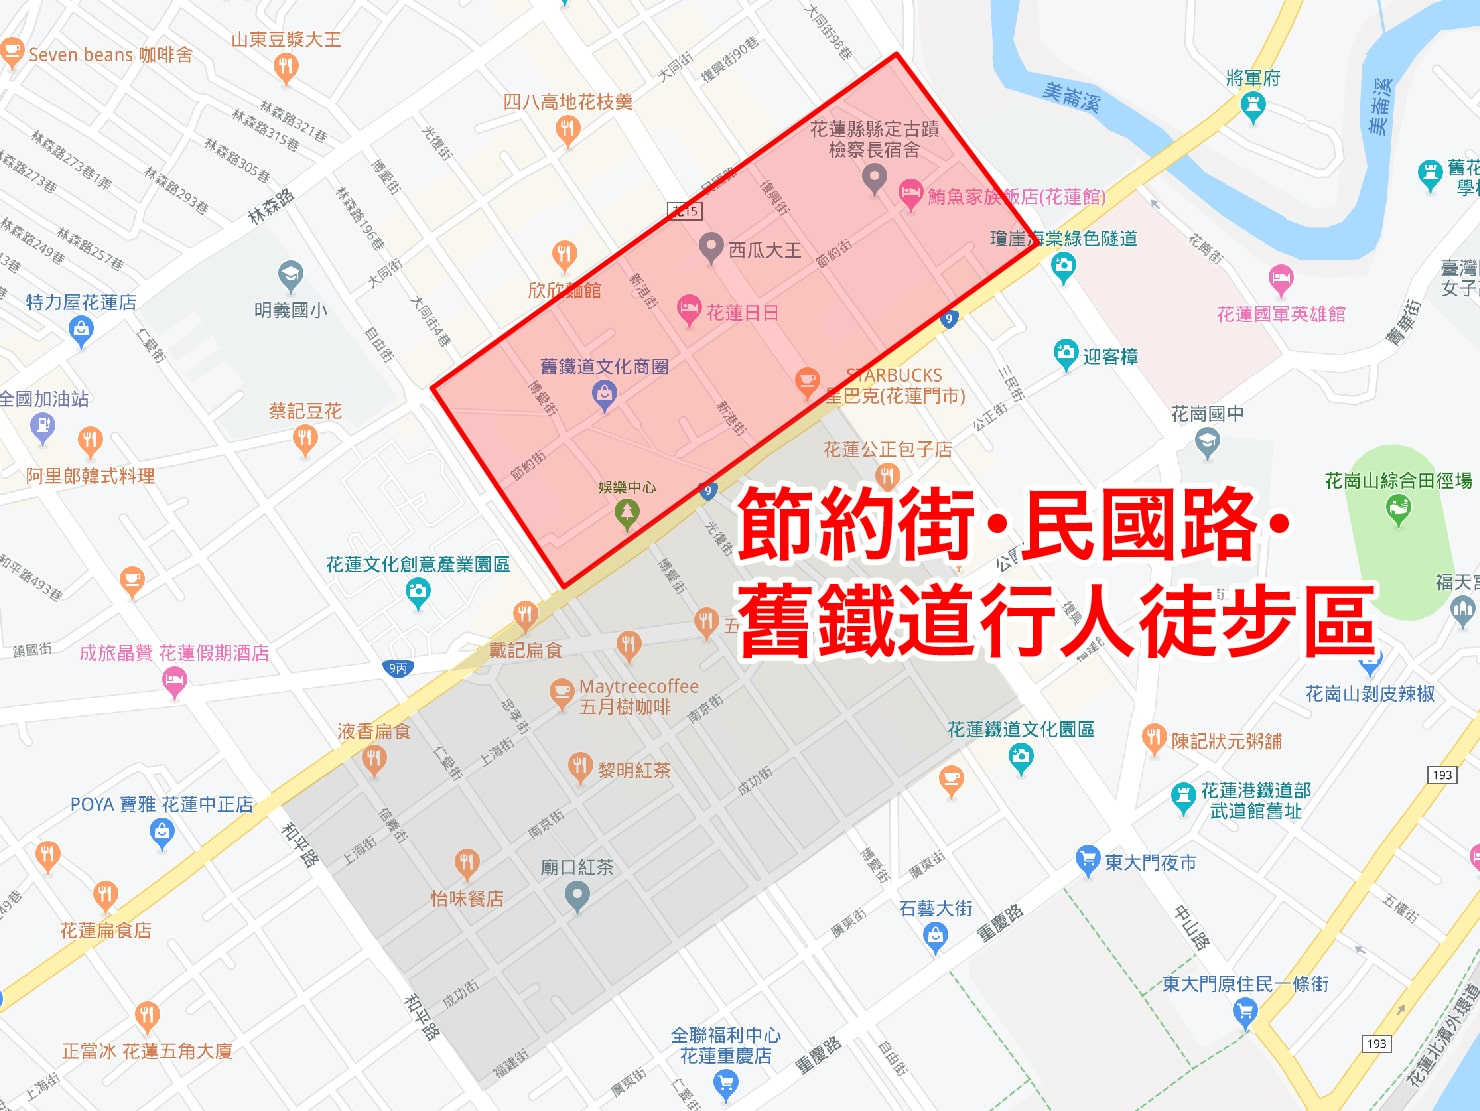 台湾・花蓮のおすすめ観光スポット「節約街・民國路・舊鐵道行人徒步區」のマップ